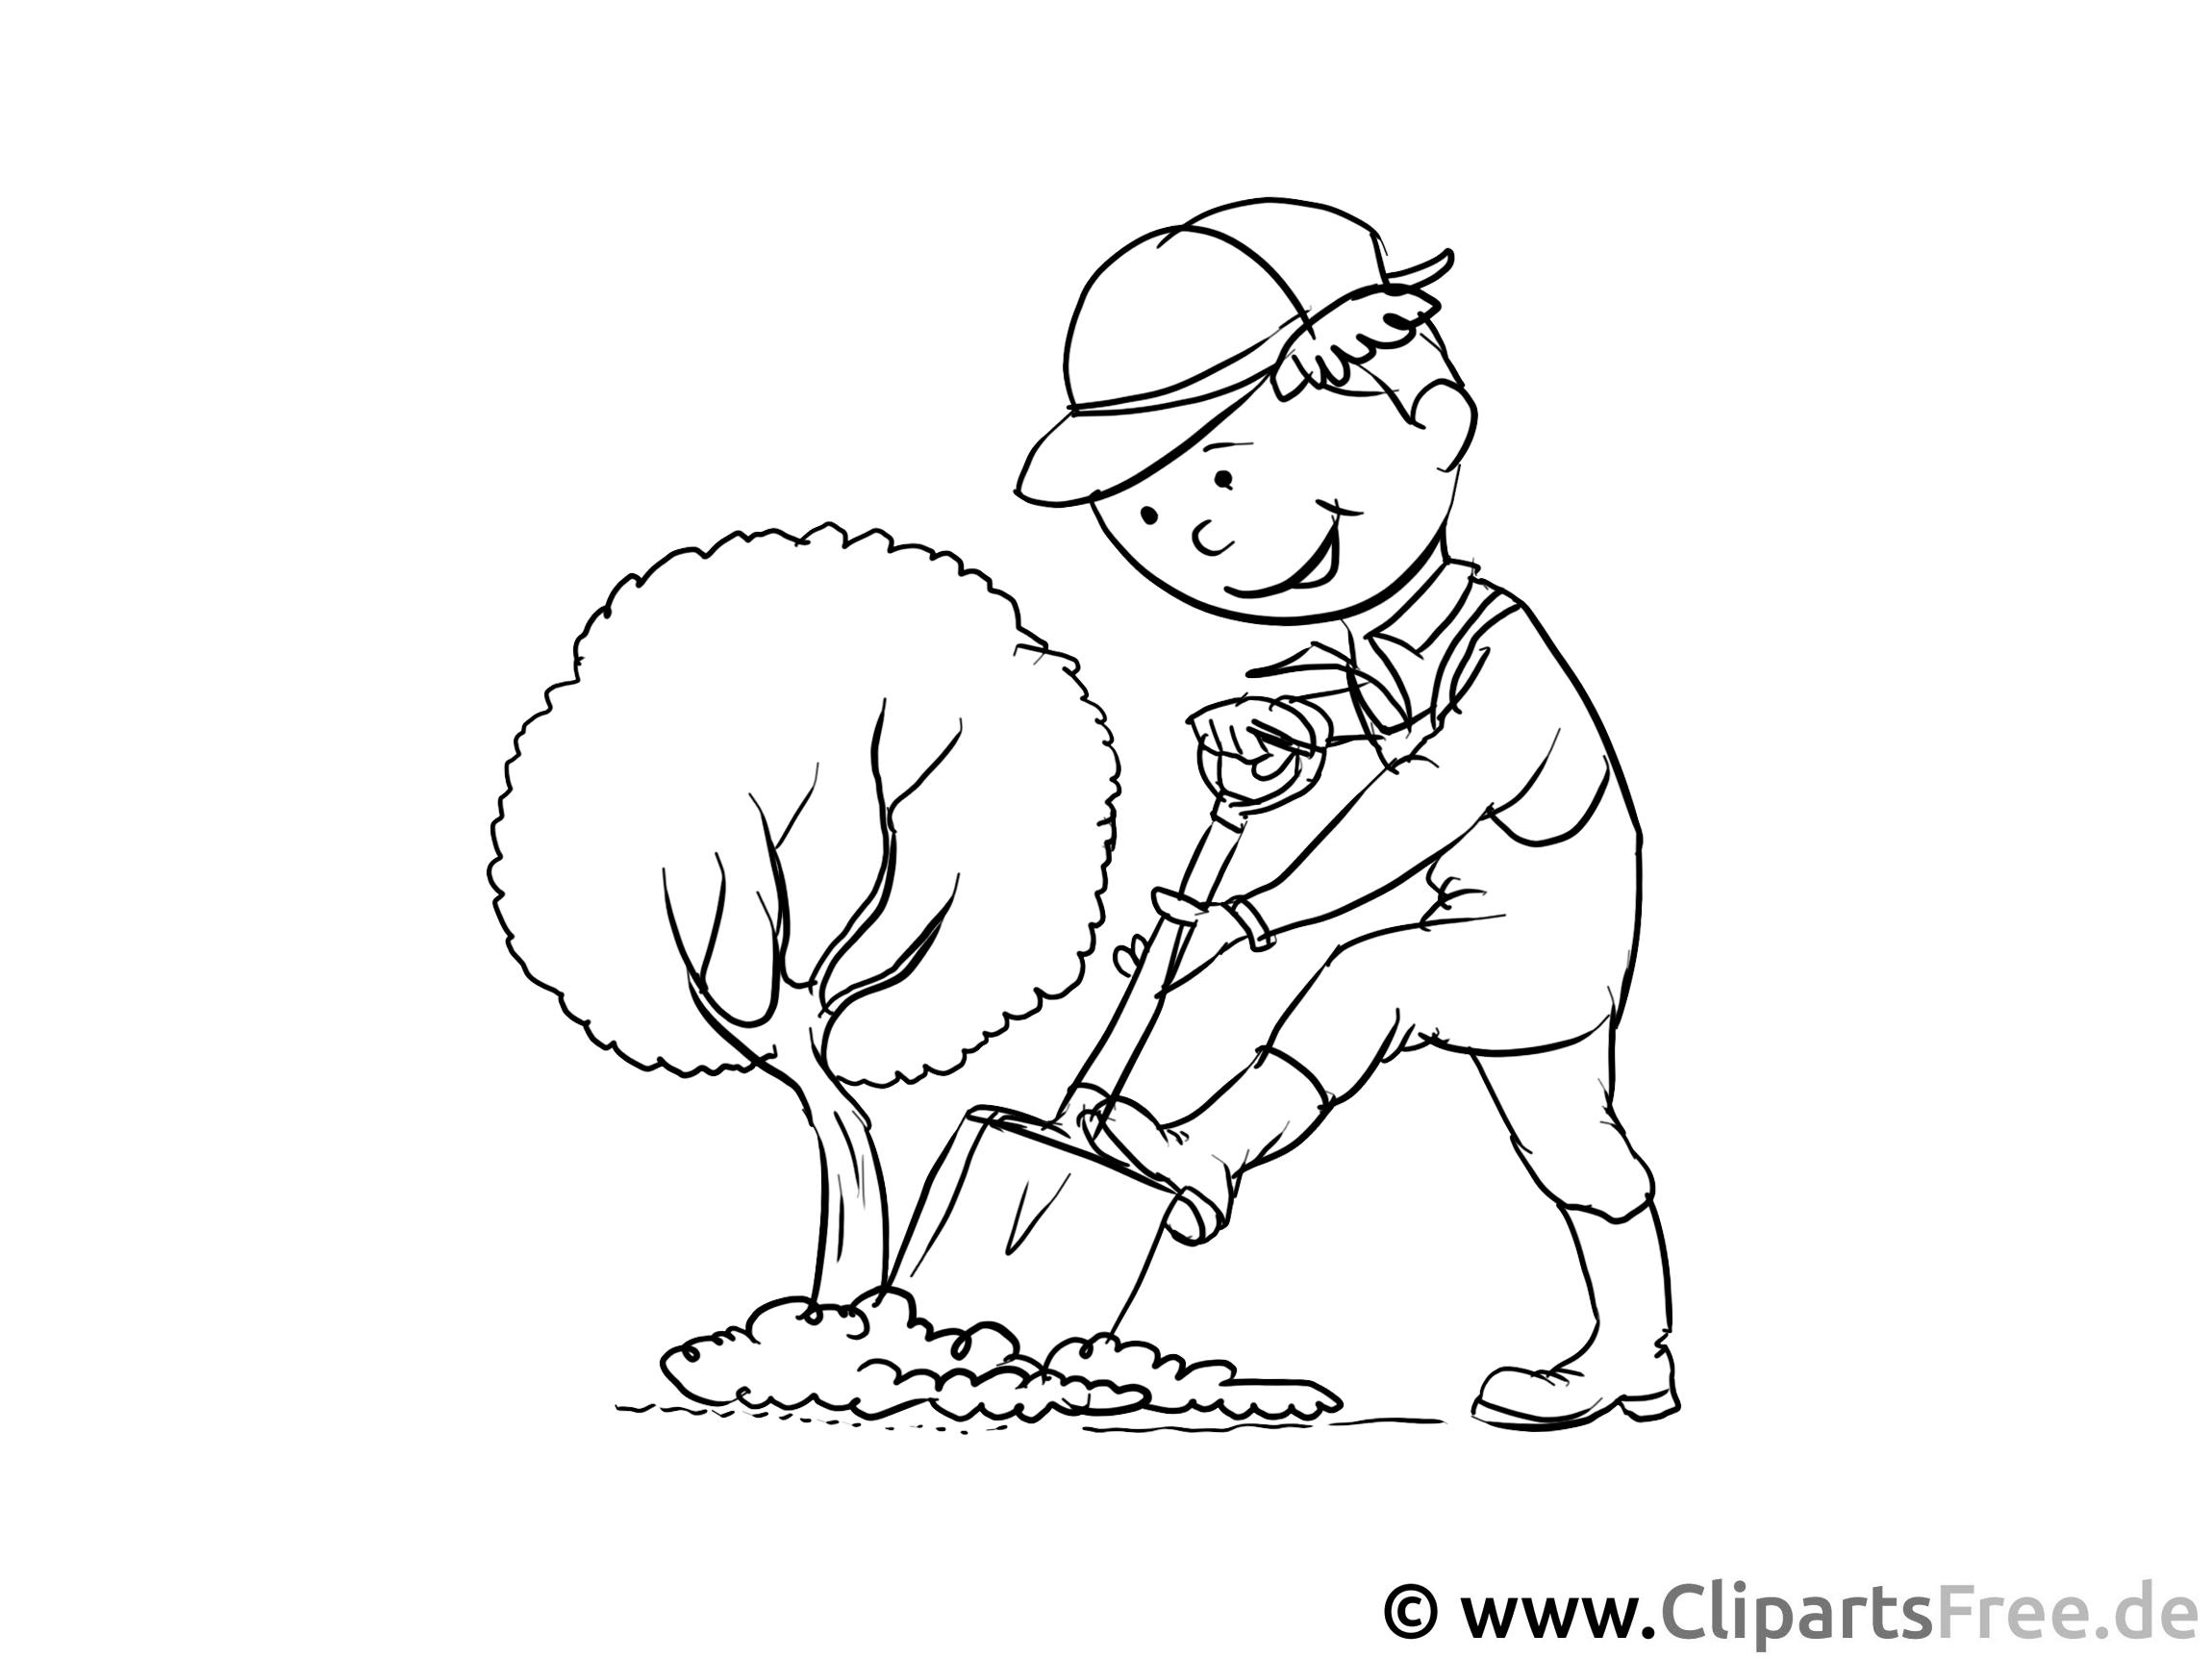 Gärtner Ausmalbild - Beruf Ausmalbilder und Malvorlagen